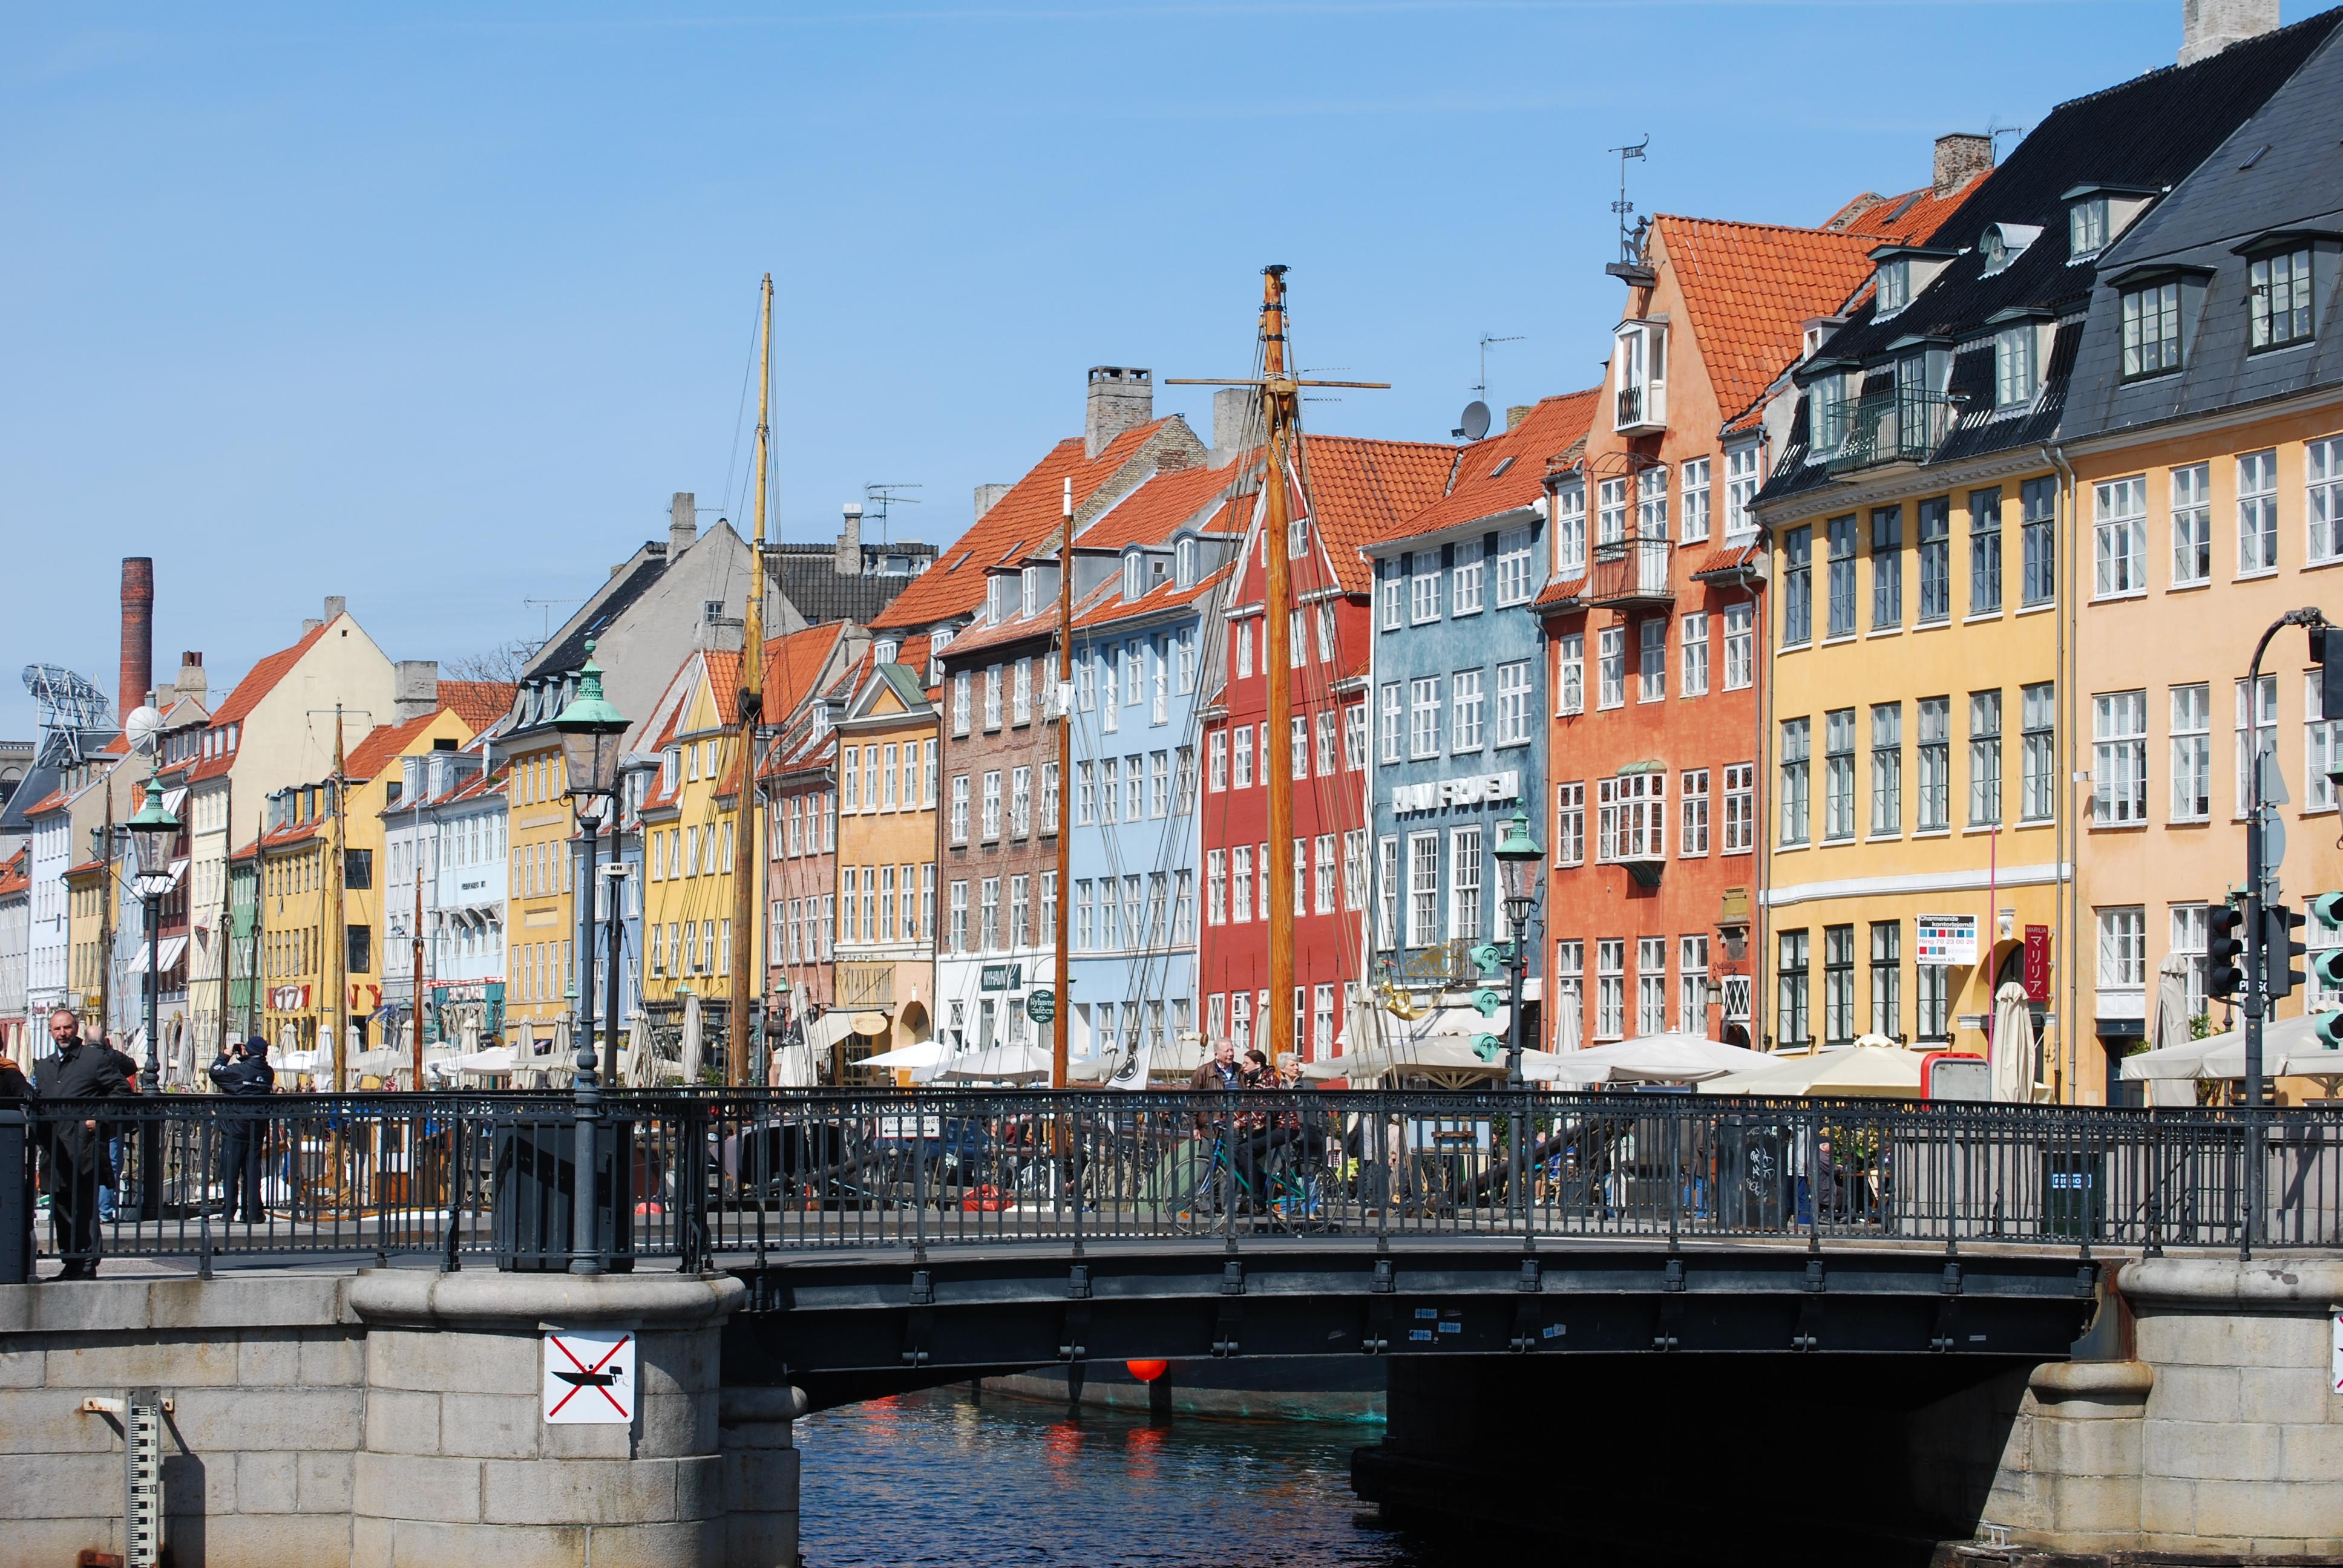 15 Sevardheter I Kopenhamn Pa 1 Dag